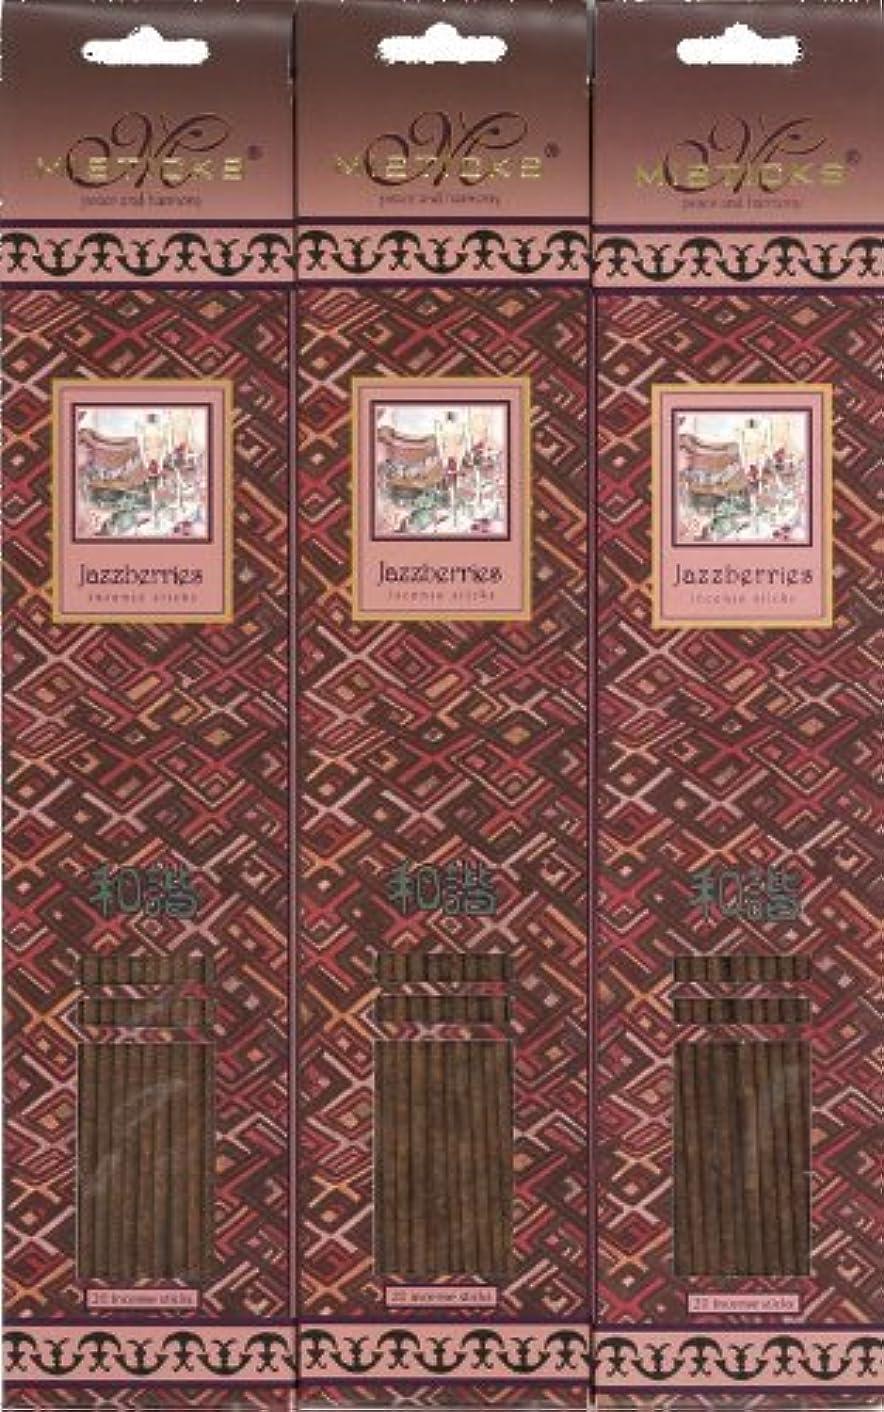 凶暴な中間面Misticks Jazzberries ジャズベリーズ お香 20本 X 3パック(60本)